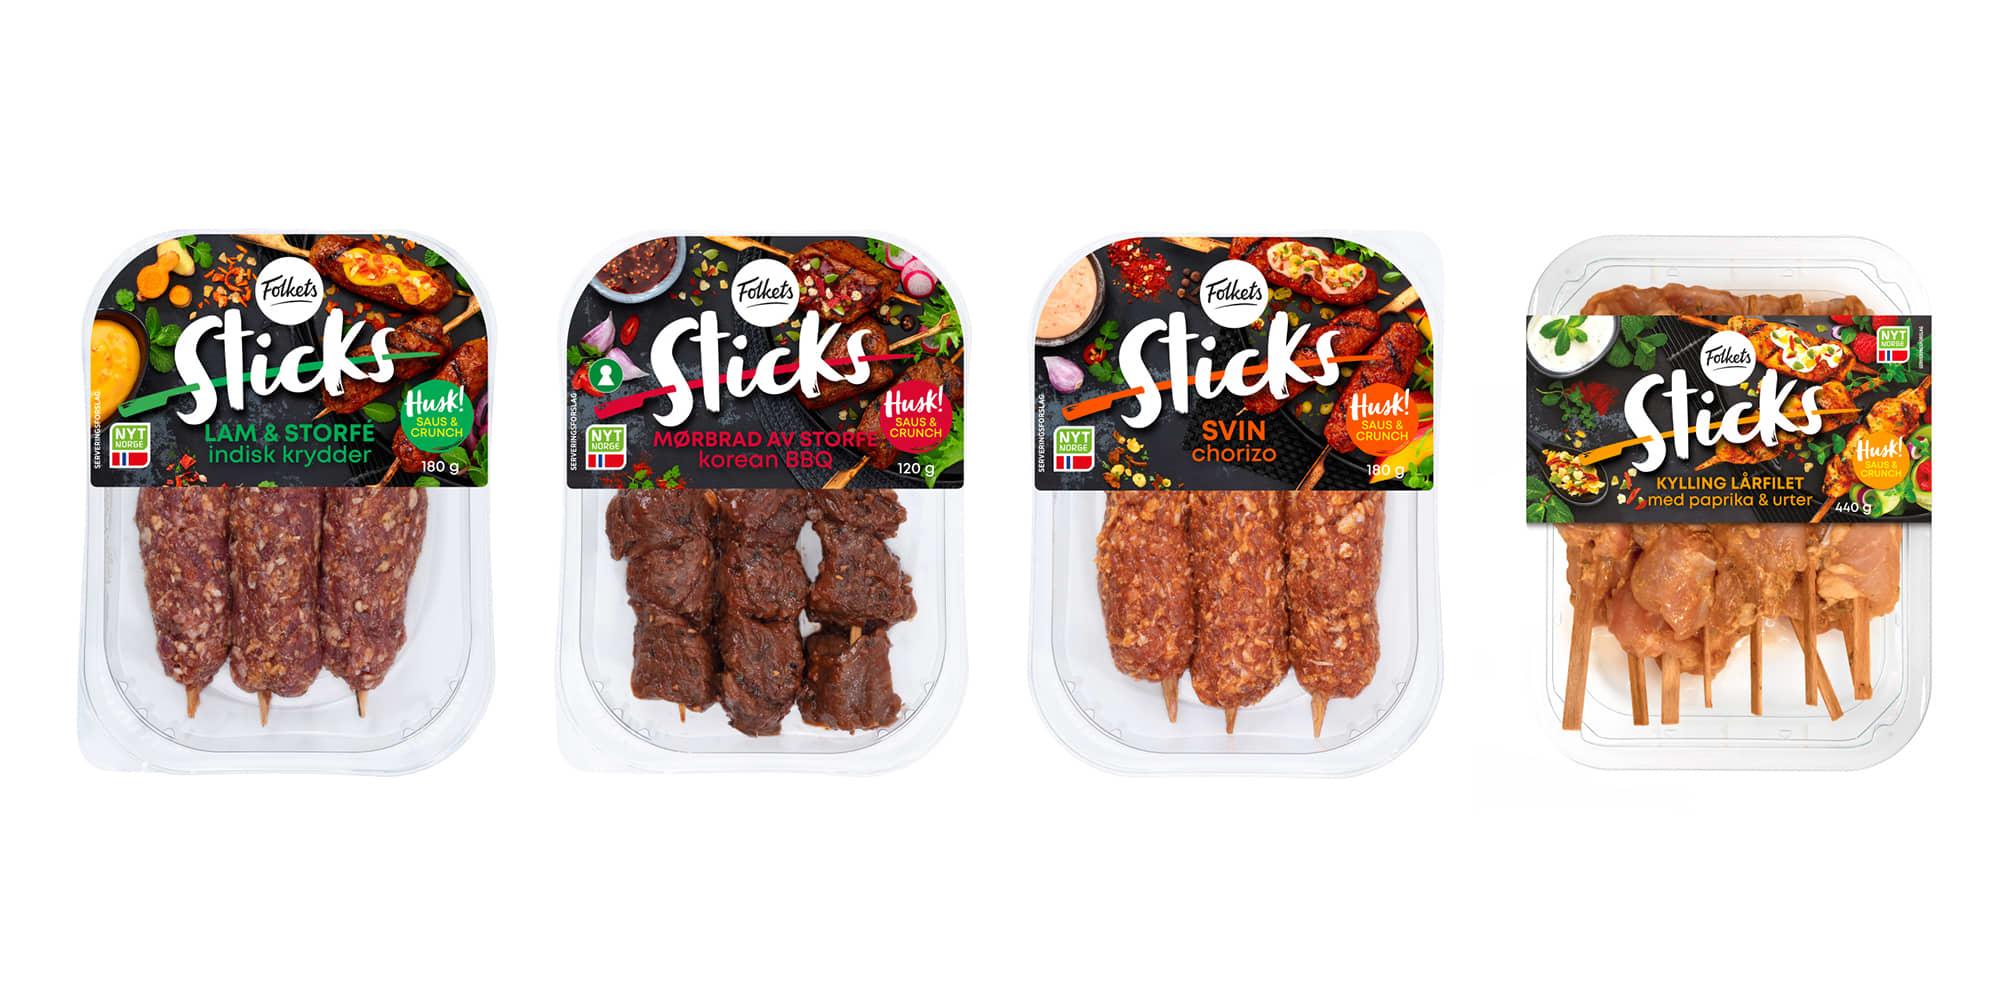 Sticks: Lam & storfe med indisk krydder, Mørbrad av storfe Korean BBQ, Svin Chorizo og Kylling lårfilet chili & sitrus.